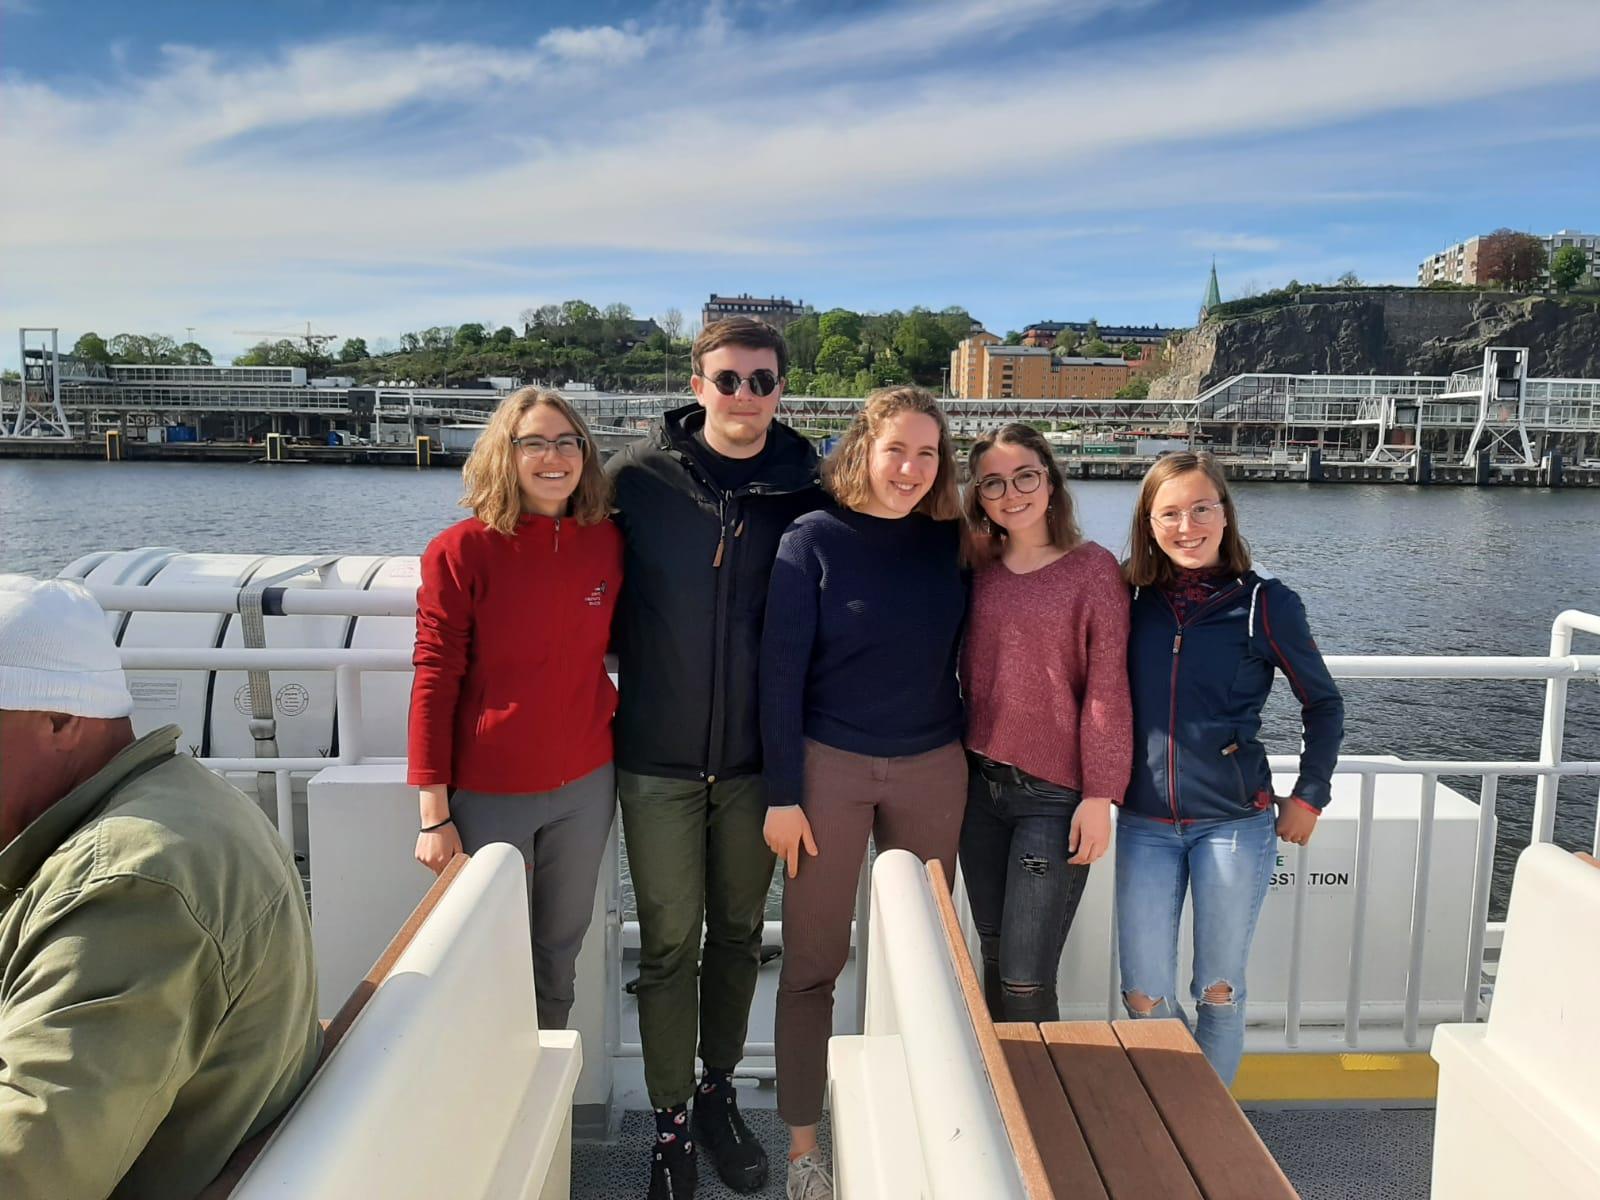 Sonja, Konrad, Ricarda, Clarita und Hannah auf dem Weg in die Stockholmer Schären